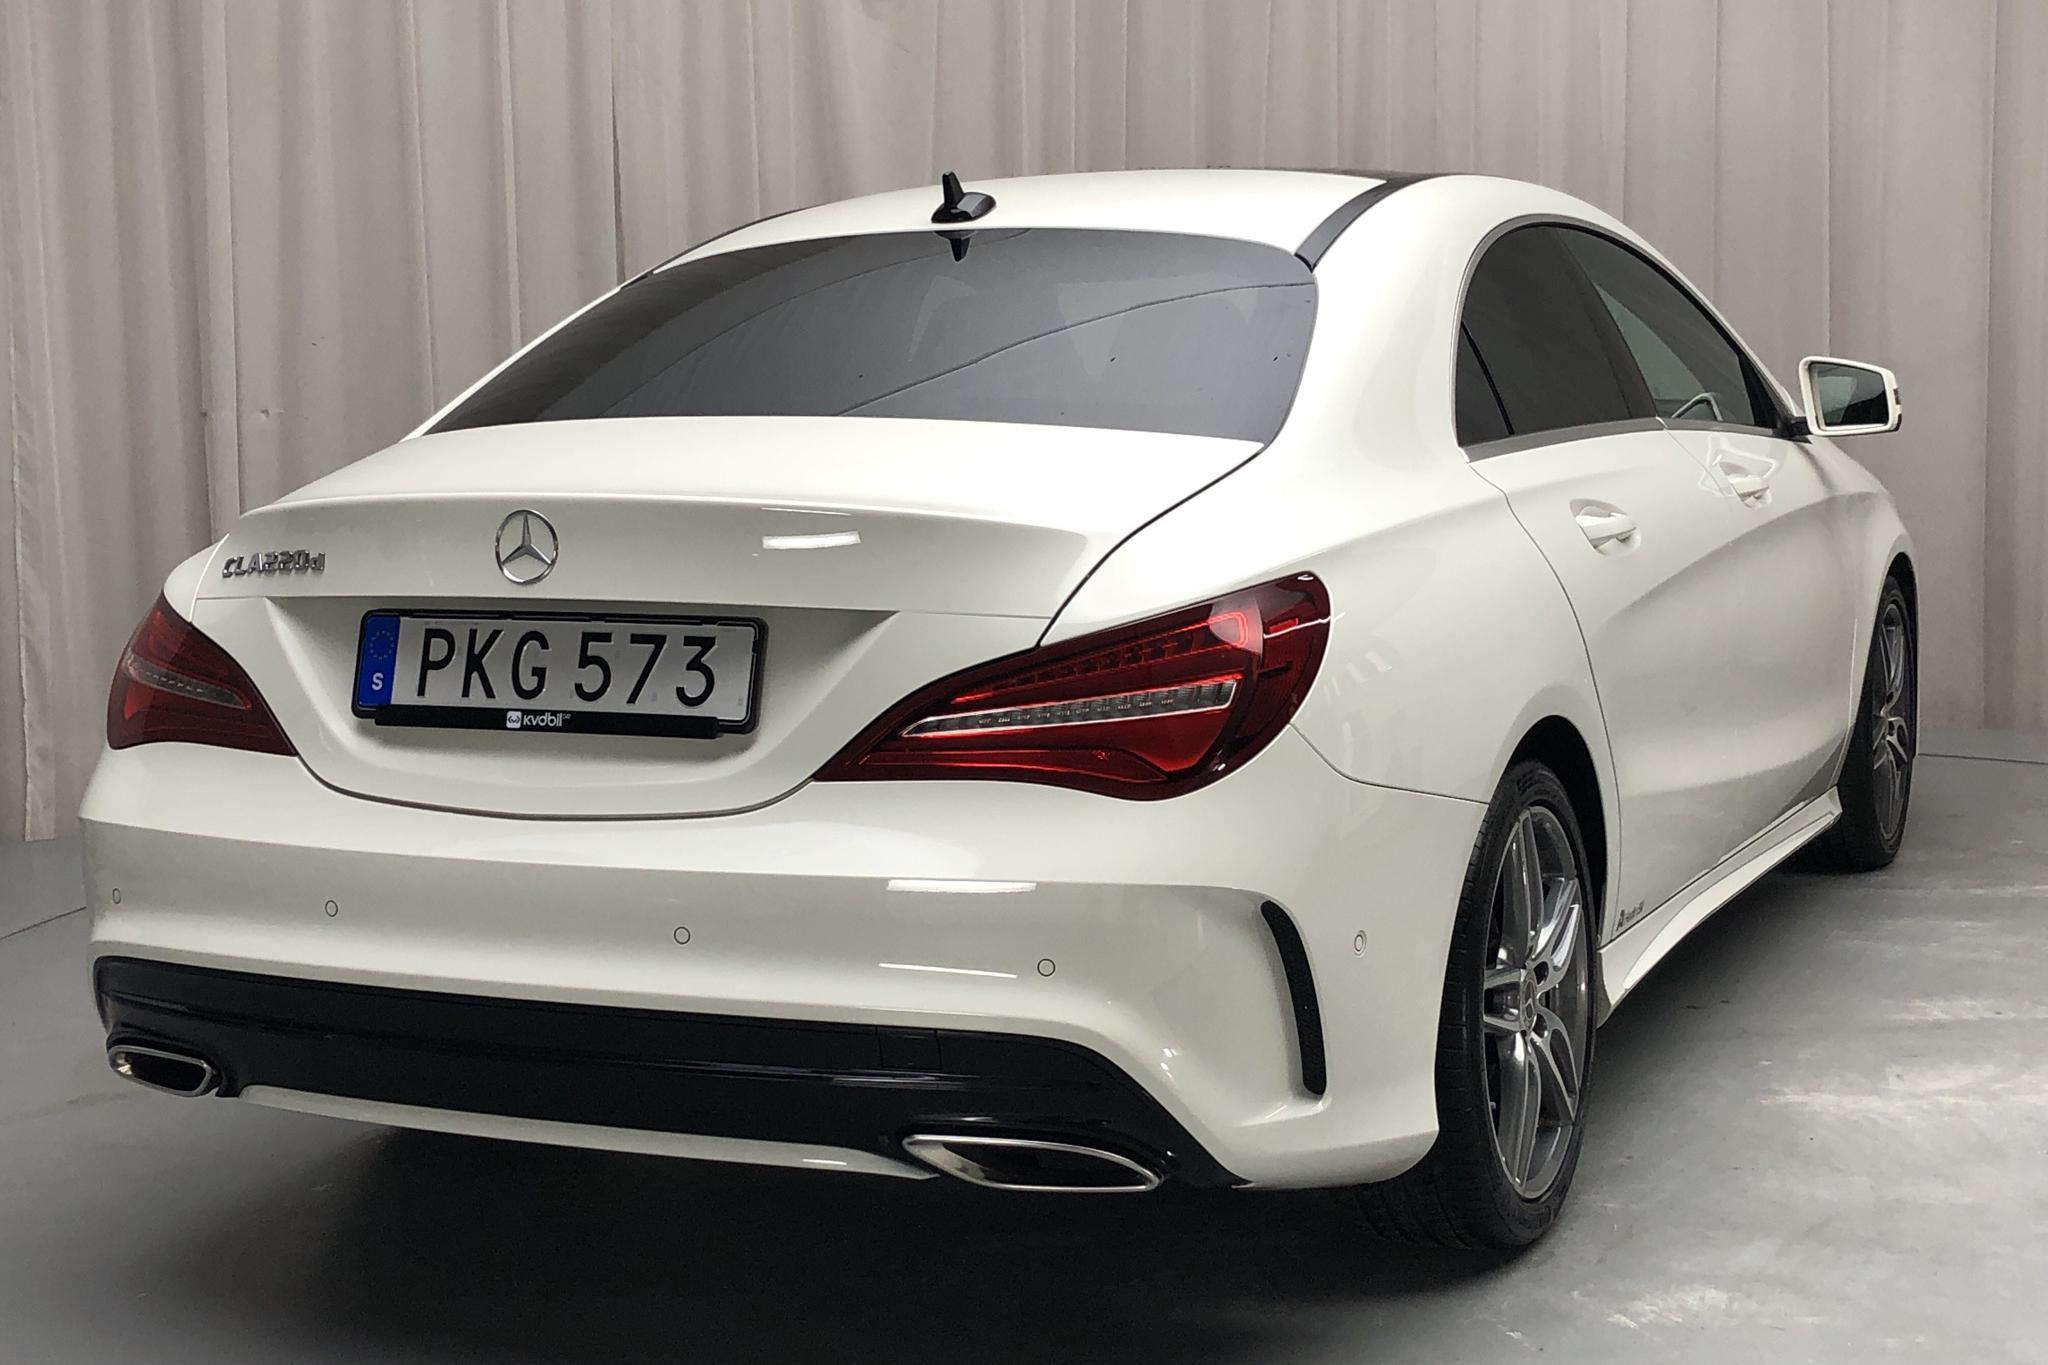 Mercedes CLA 220 d Coupé C117 (177hk) - 4 847 mil - Automat - vit - 2018